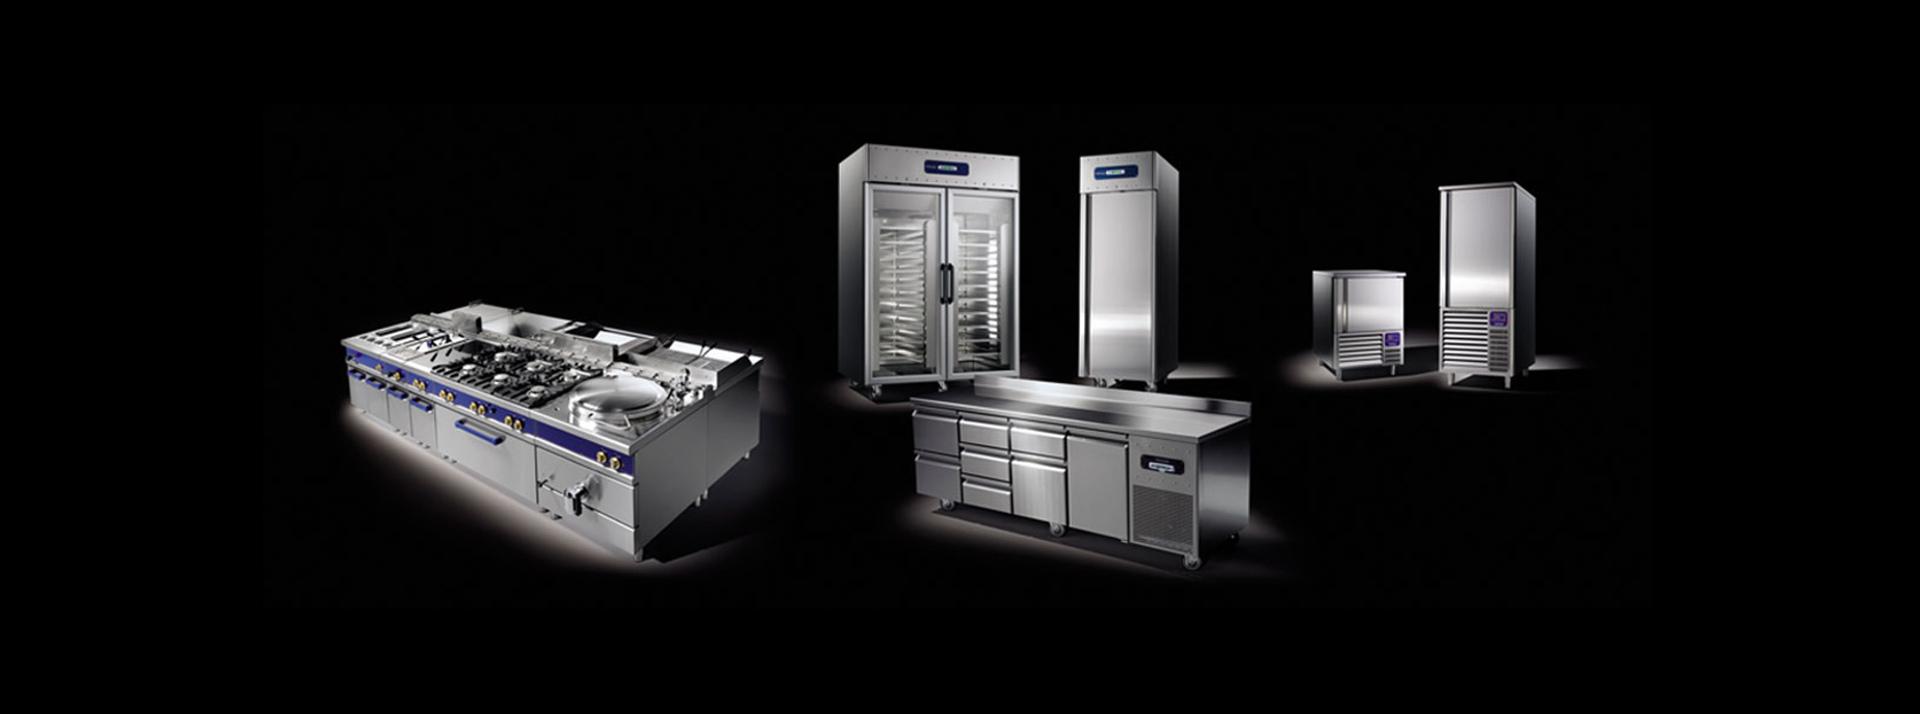 Progetto Ristorazione Progettazione e attrezzature per cucine industriali e professionali dalle